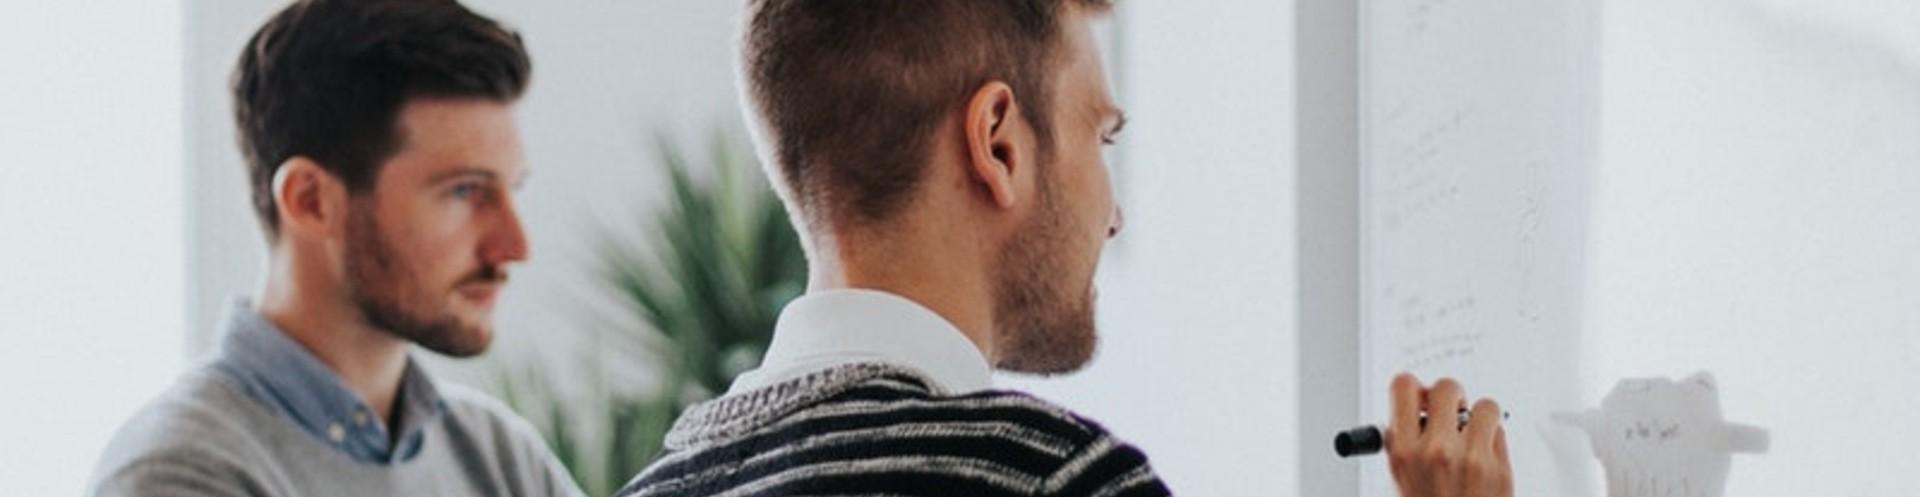 Mobbing - definicja [Kodeks pracy] Co to jest mobbing w pracy?